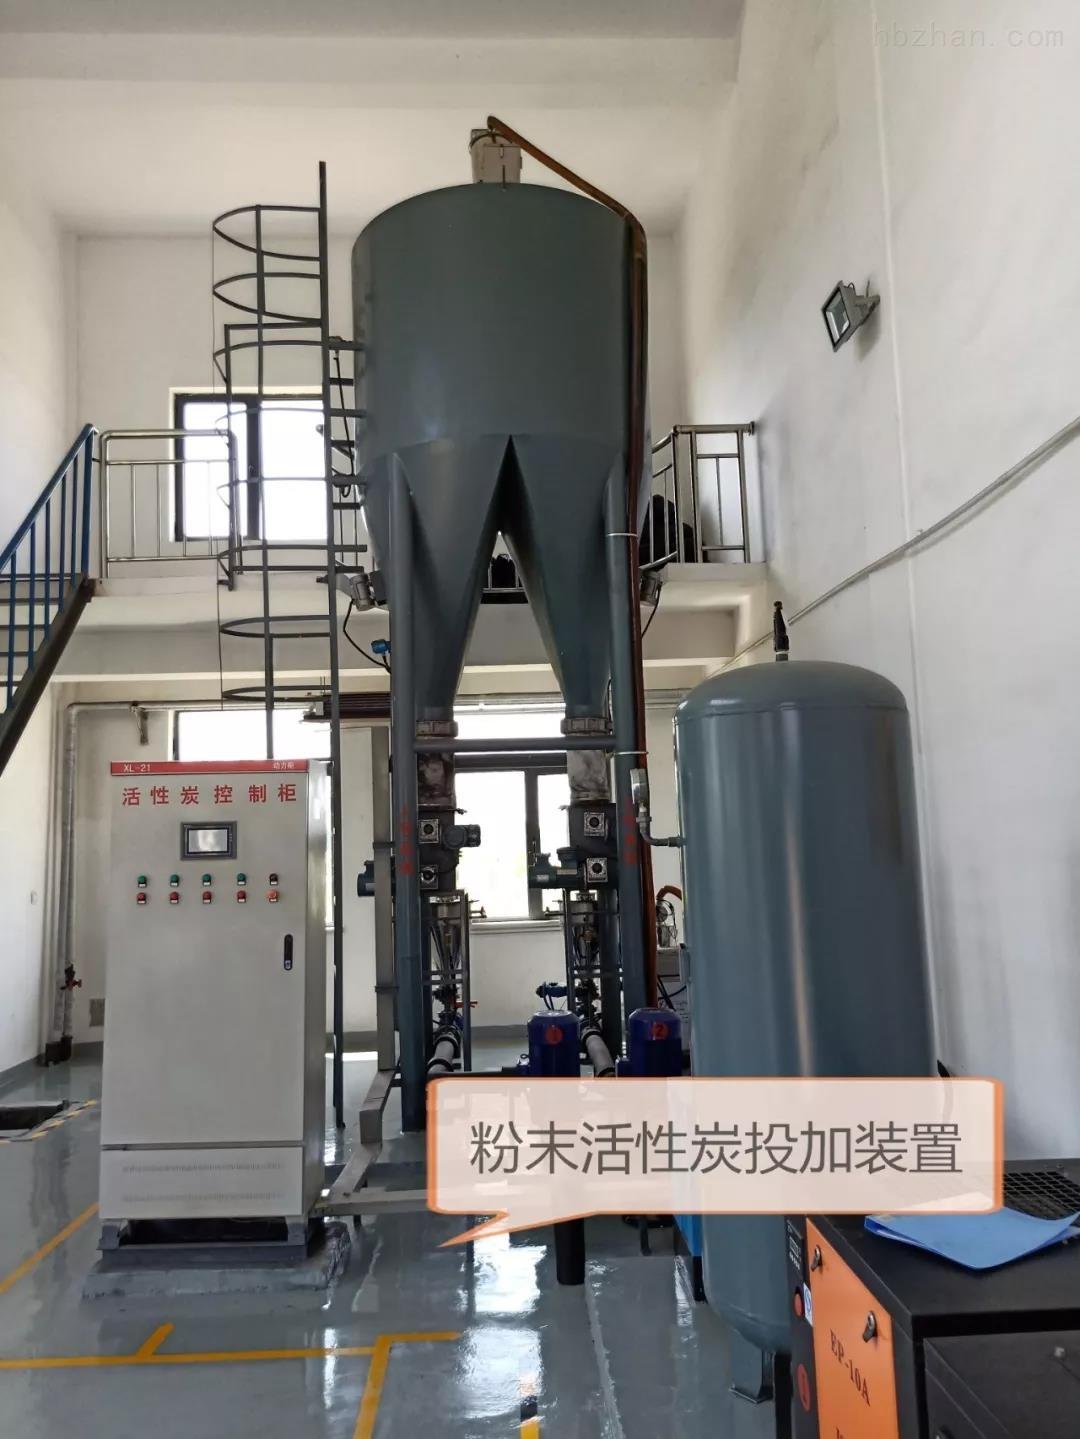 粉末活性炭投加装置/水厂夏季除藻消毒设备